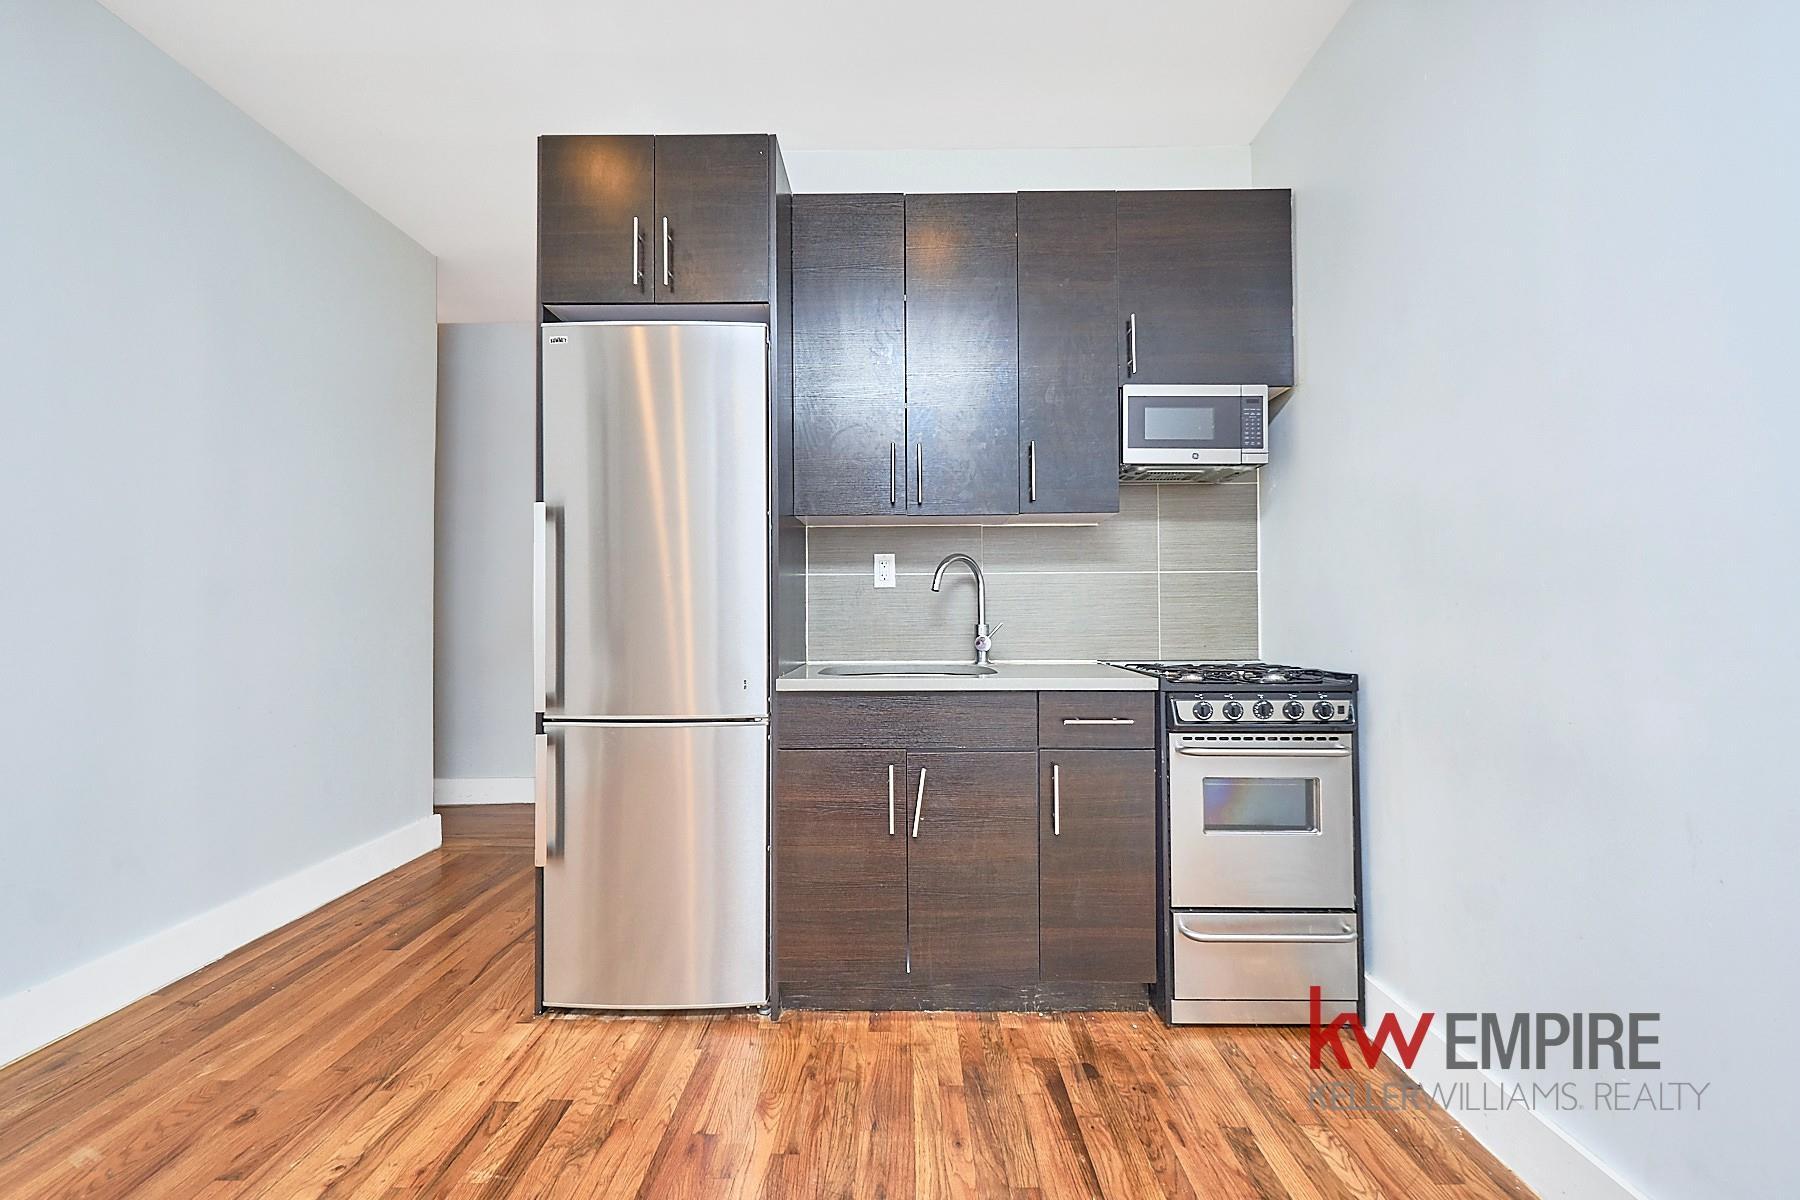 6809 3rd Avenue, Apt A3, Brooklyn, New York 11220